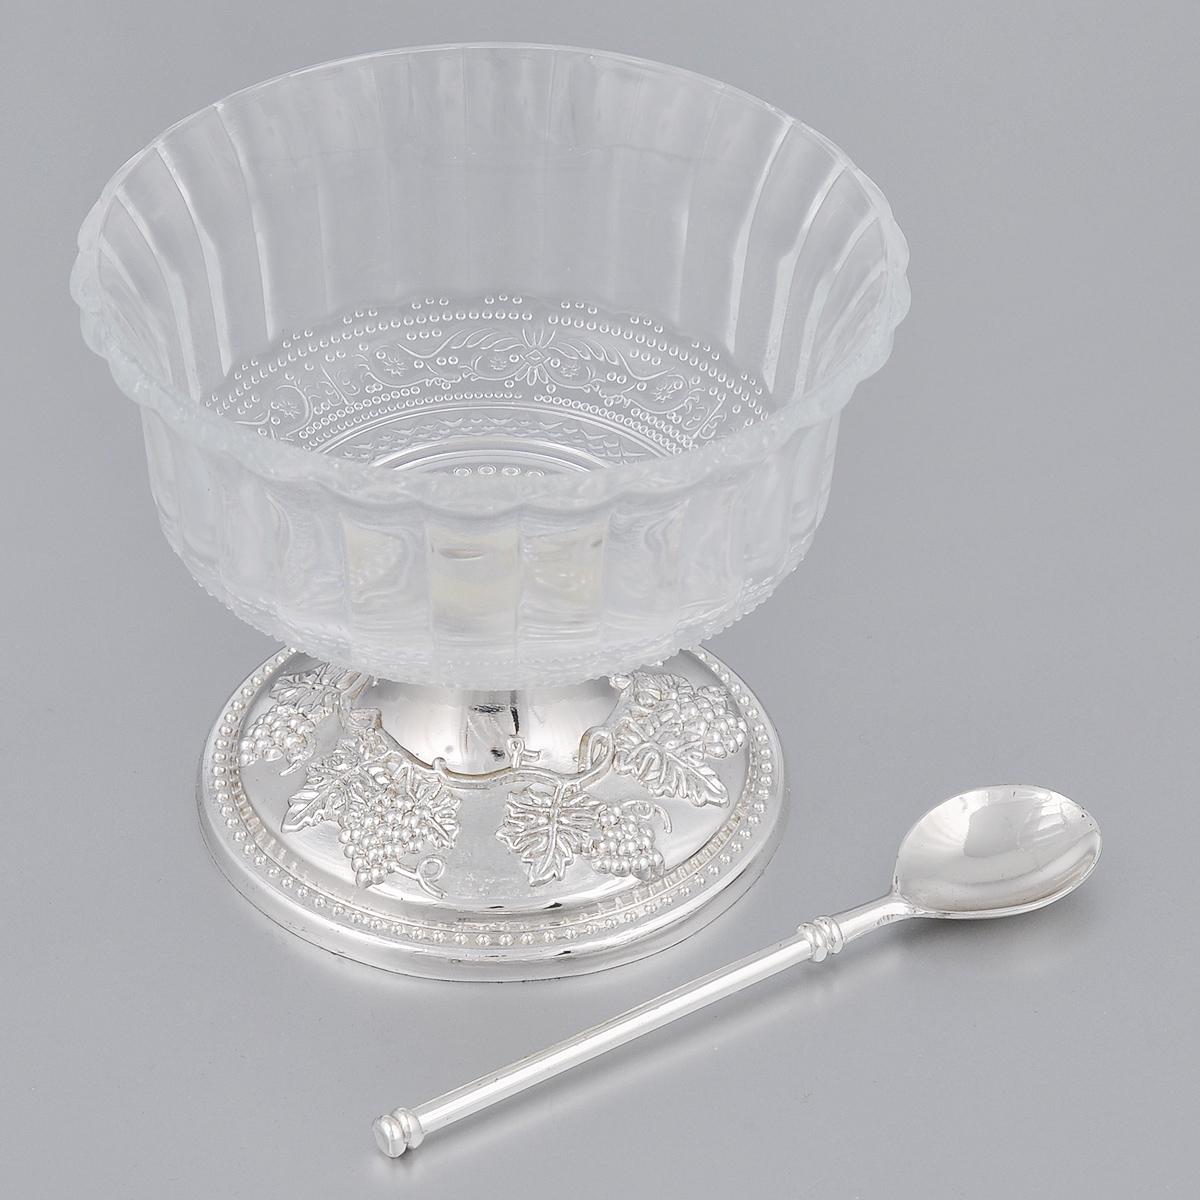 Креманка Marquis, с ложечкой. 1027-MR1027-MRВеликолепная креманка Marquis сочетает в себе изысканный дизайн с максимальной функциональностью. Креманка изготовлена из фигурного стекла. Она устанавливается на оригинальную подставку, выполненную из металла с серебряно-никелевым покрытием. Подставка богато декорирована изображением виноградных гроздей и тонко выполненными деталями в виде стилизованных растений. На дне основания бархатистая ткань для предотвращения скольжения. В комплект входит ложечка.Такая креманка может стать отличным подарком к любому празднику. Она придется по вкусу и ценителям классики, и тем, кто предпочитает утонченность и изысканность.Диаметр по верхнему краю: 11 см.Диаметр основания: 8,5 см.Высота креманки: 9,2 см.Длина ложечки: 11,8 см.